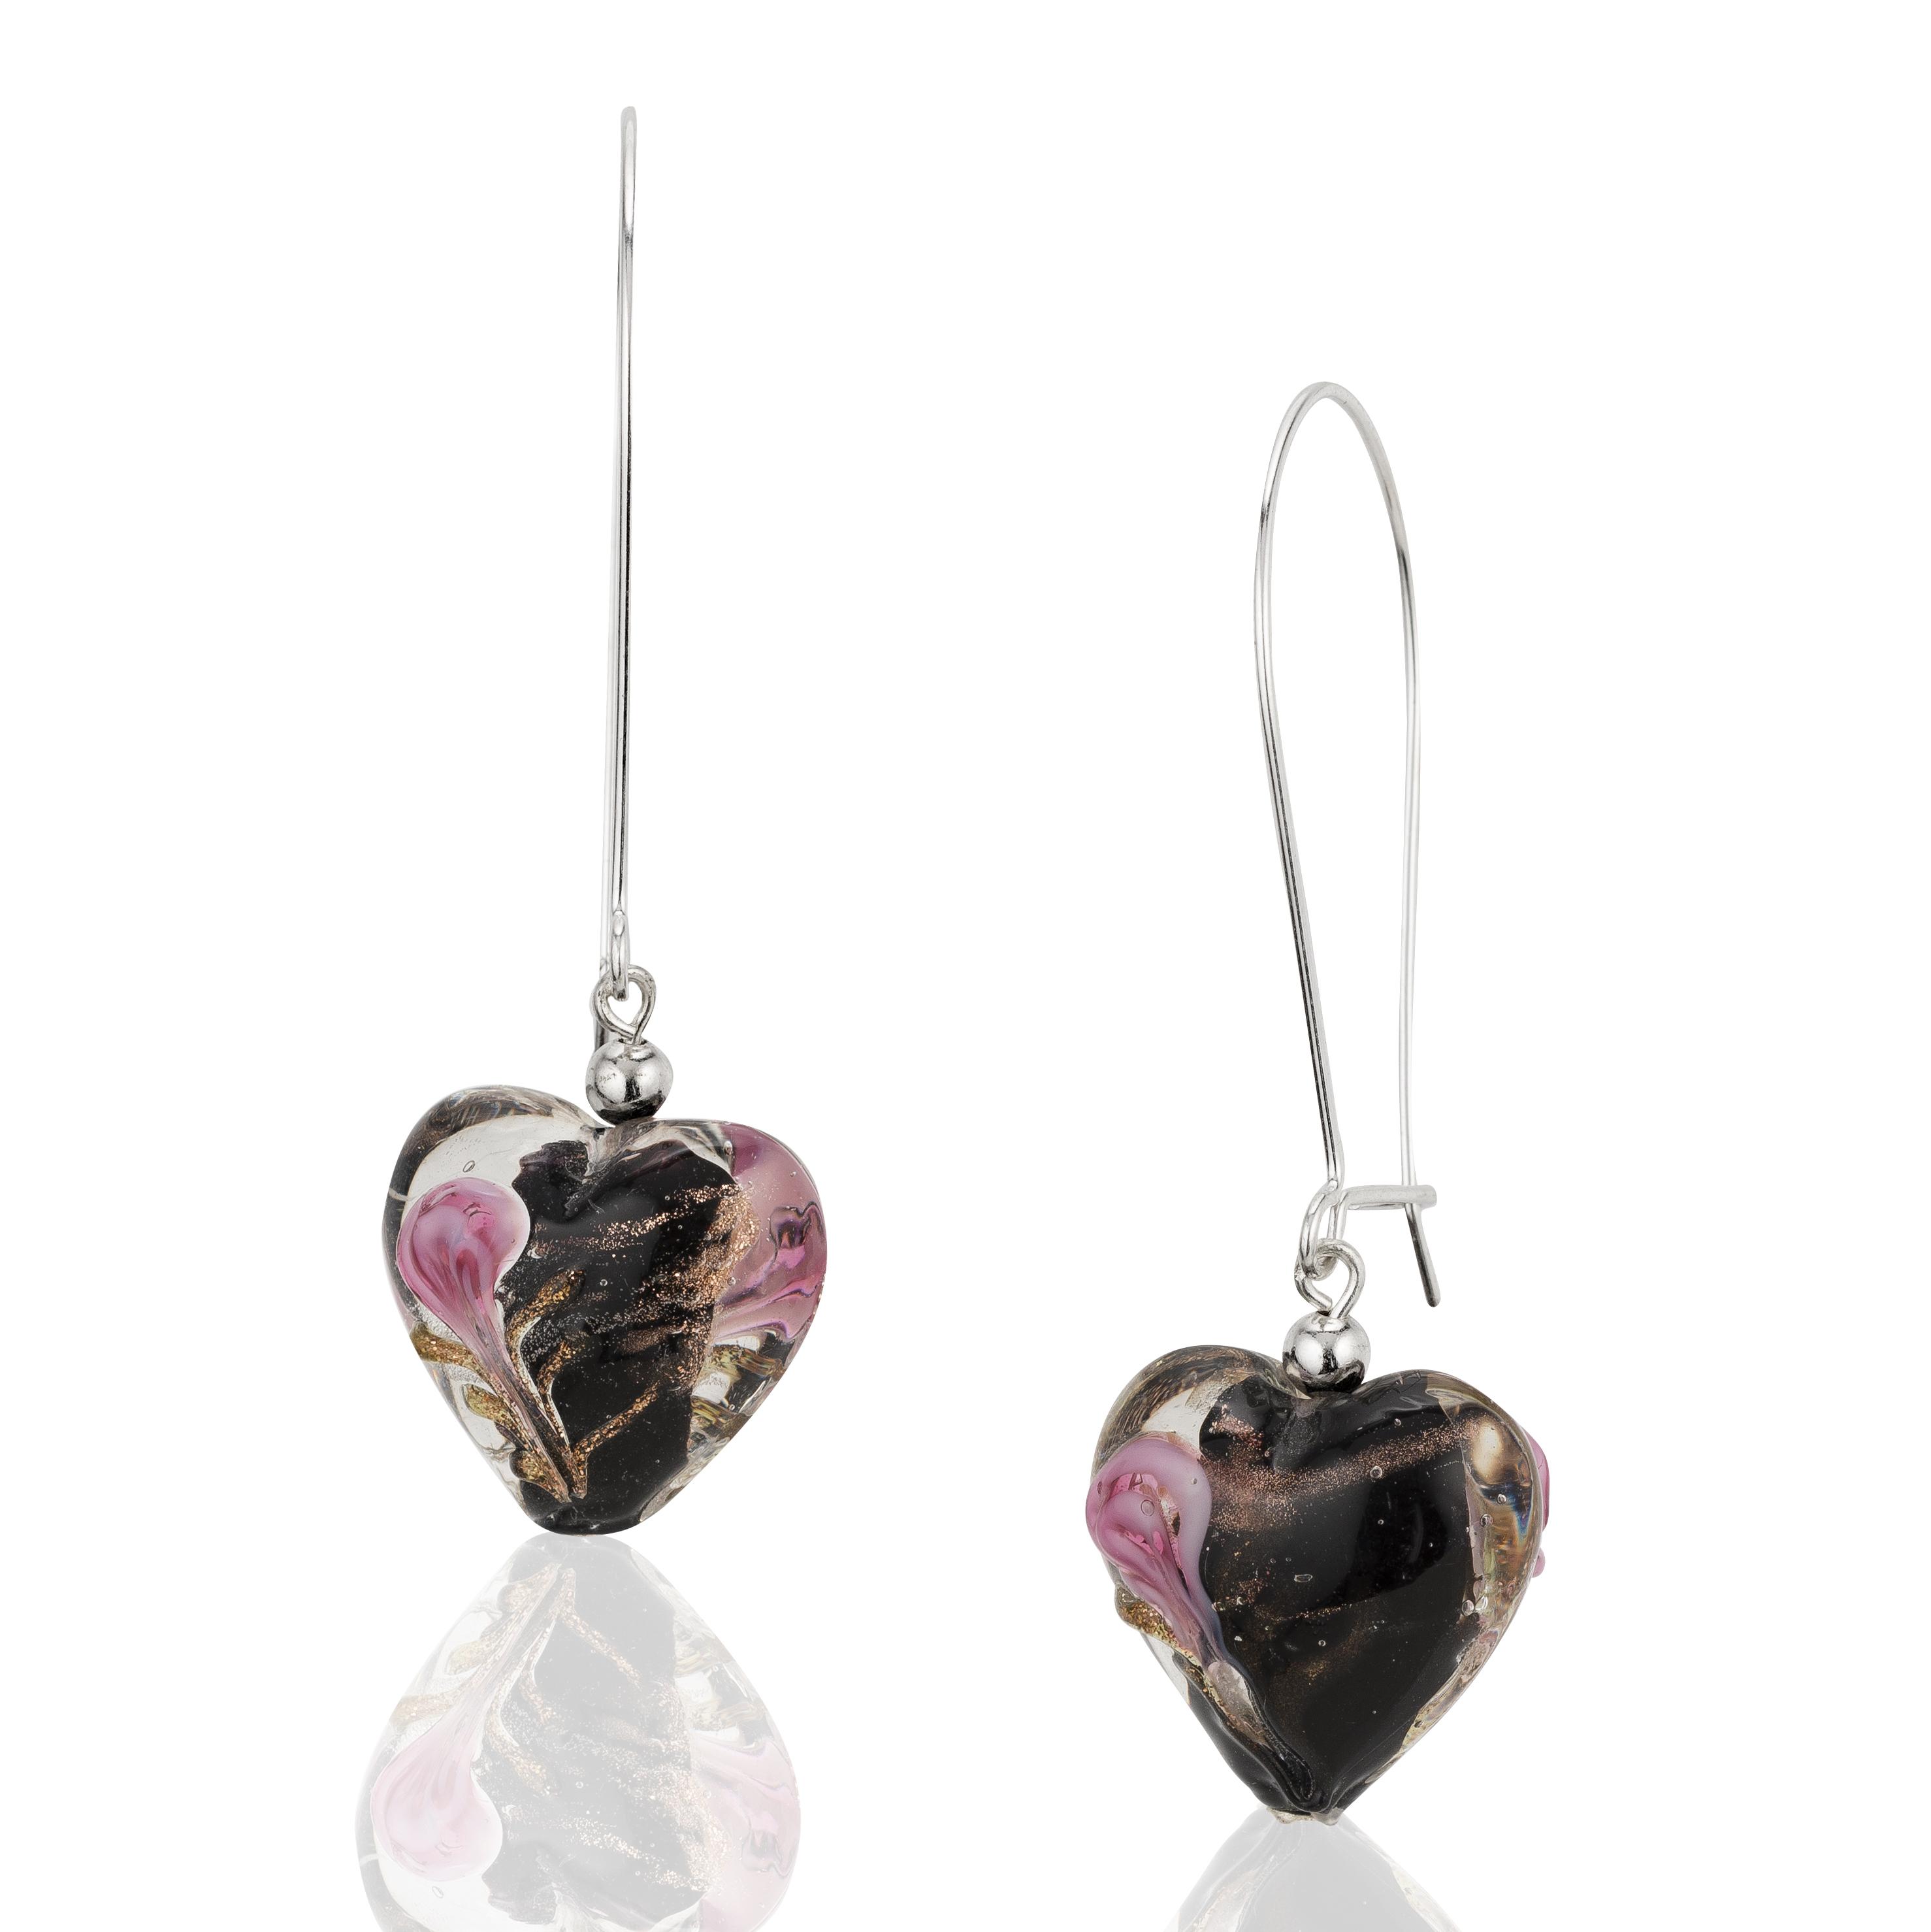 925 Sterling Silver, Glass Heart Dangle Earrings, Love Fashion Jewelry For Women, Girls